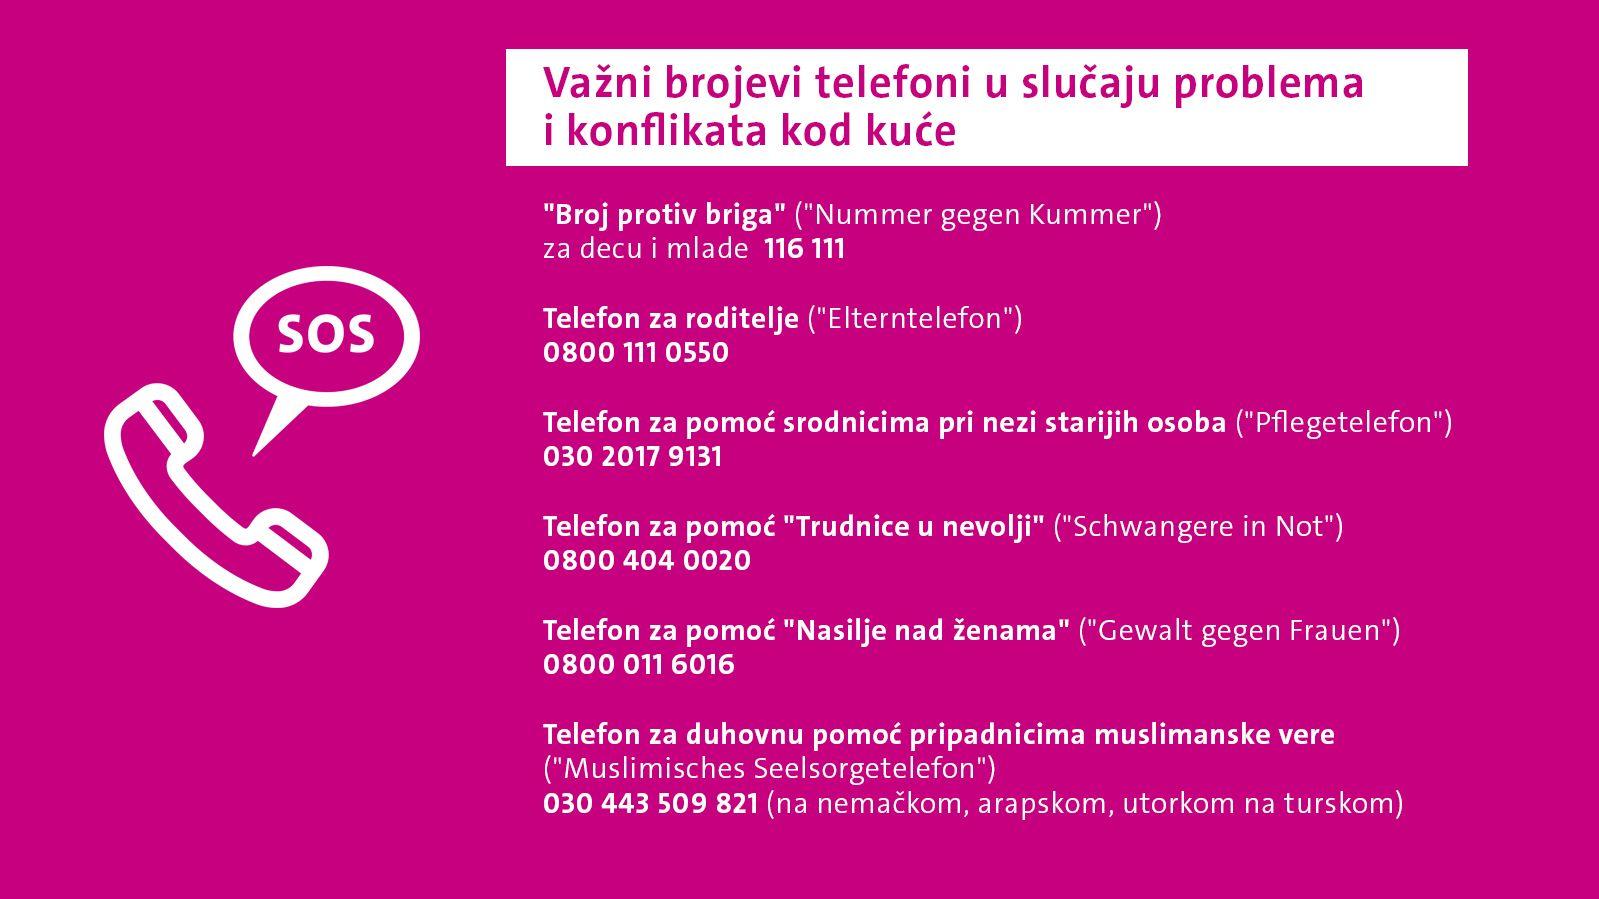 """Važni brojevi telefoni u slučaju problema i konflikata kod kuće  """"Broj protiv briga"""" (""""Nummer gegen Kummer"""") za decu i mlade 116 111  Telefon za roditelje (""""Elterntelefon"""") 0800 111 0550  Telefon za pomoć srodnicima pri nezi starijih osoba (""""Pflegetelefon"""") 030 2017 9131  Telefon za pomoć """"Trudnice u nevolji"""" (""""Schwangere in Not"""") 0800 404 0020  Telefon za pomoć """"Nasilje nad ženama"""" (""""Gewalt gegen Frauen"""") 0800 011 6016  Telefon za duhovnu pomoć pripadnicima muslimanske vere (""""Muslimisches Seelsorgetelefon"""") 030 443 509 821 (na nemačkom, arapskom, utorkom na turskom)"""